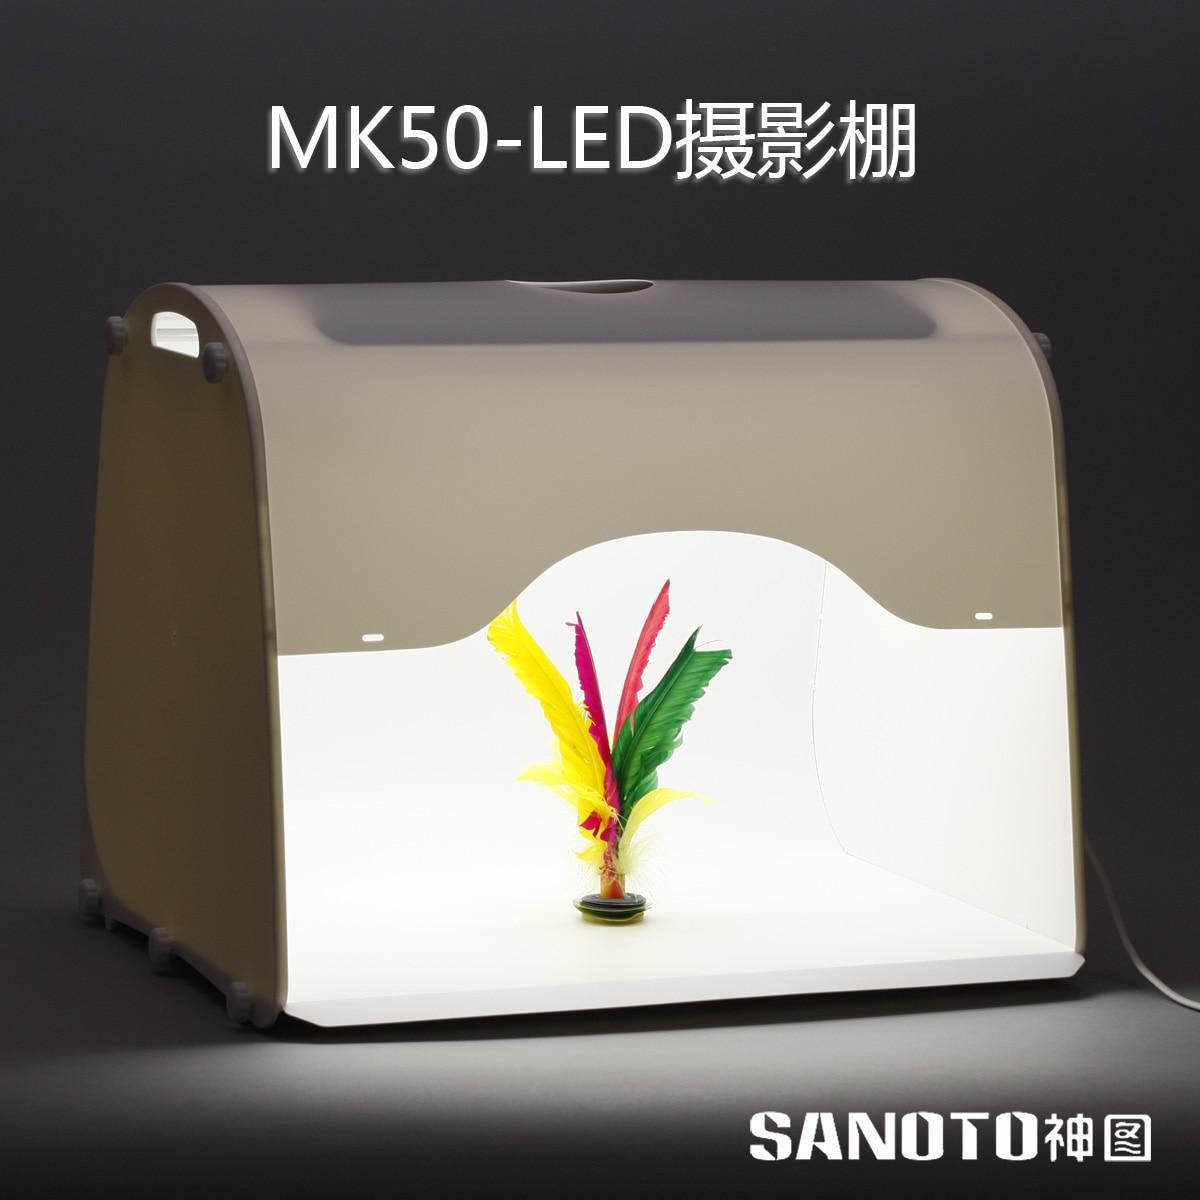 Adearstudio Studio BOX Mk50 LED estúdio Kit Softbox fotografar câmera de caixa de jóias caixa de luz CD50